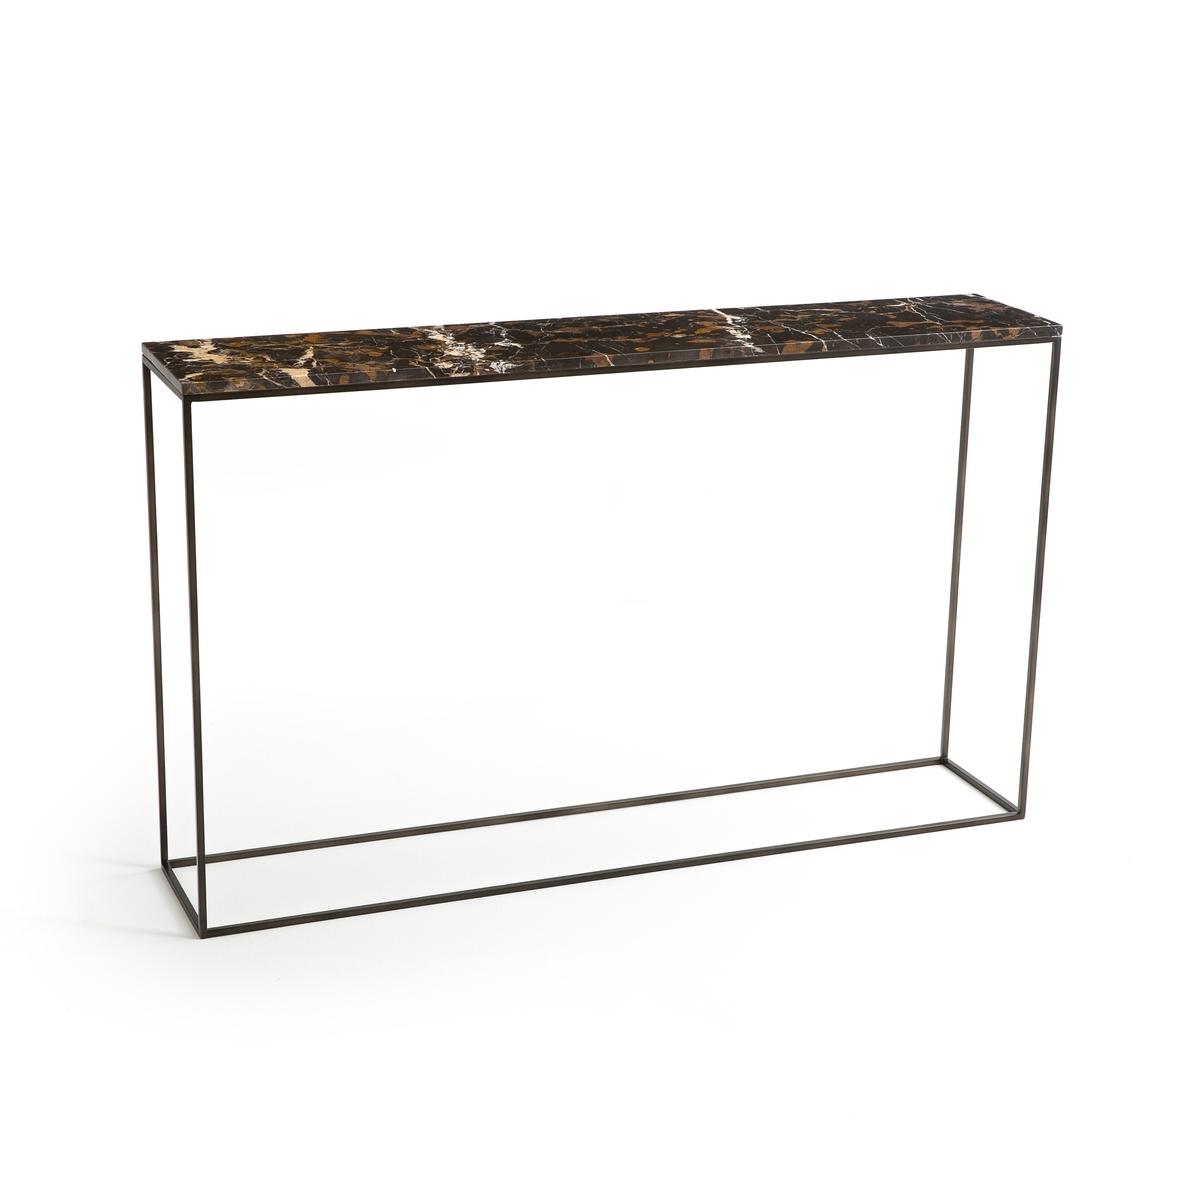 Стол-консоль из янтарного мрамора и металла Д.125 см, Ambrette